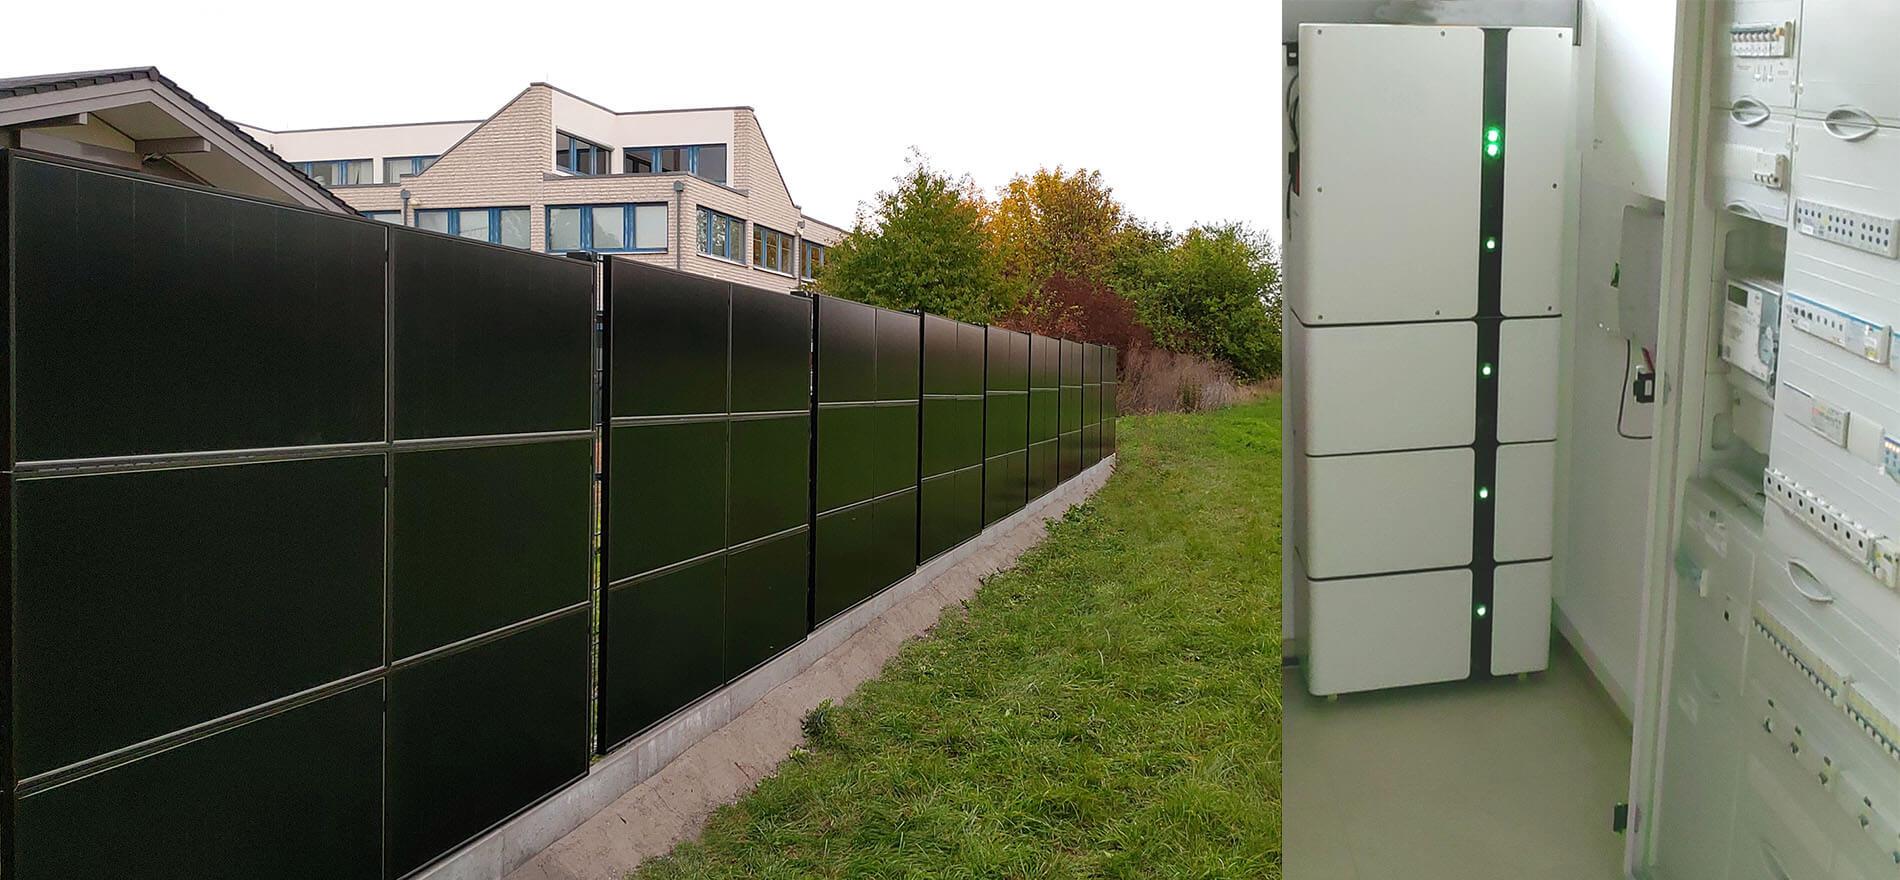 SolarZaun Anlage am Wohnhaus in Taucha bei Leipzig